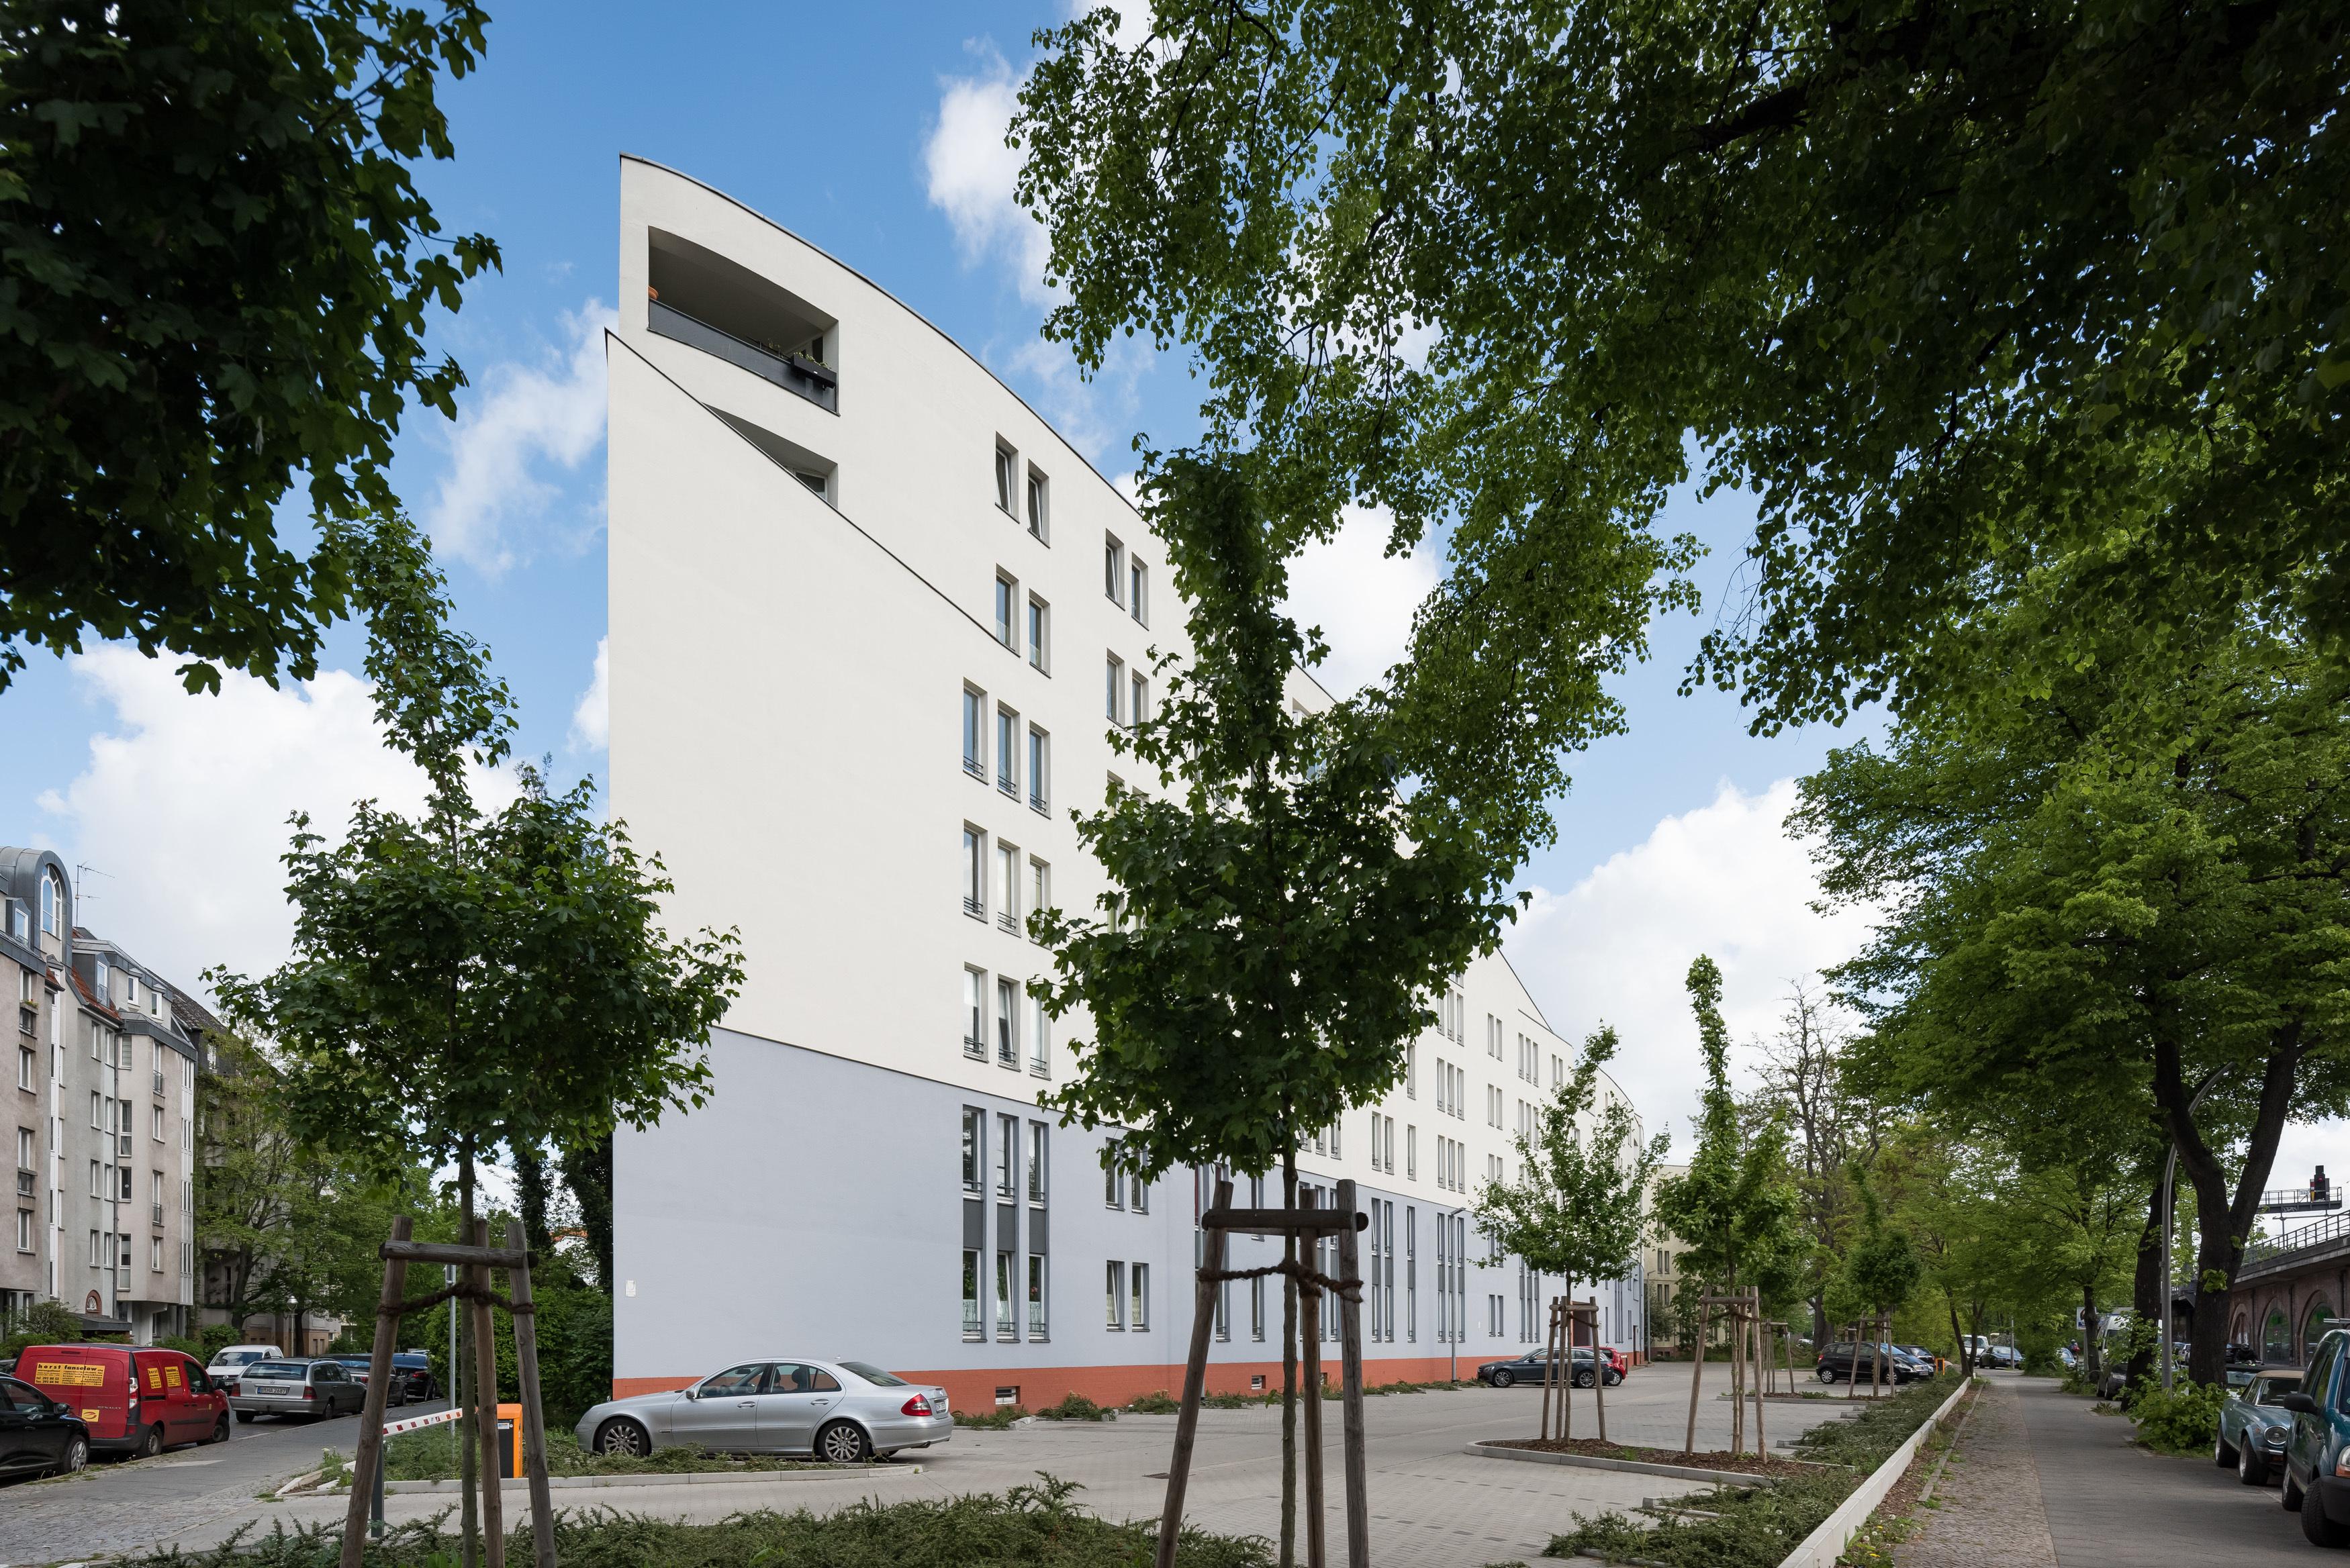 Hansa quarter investment properties